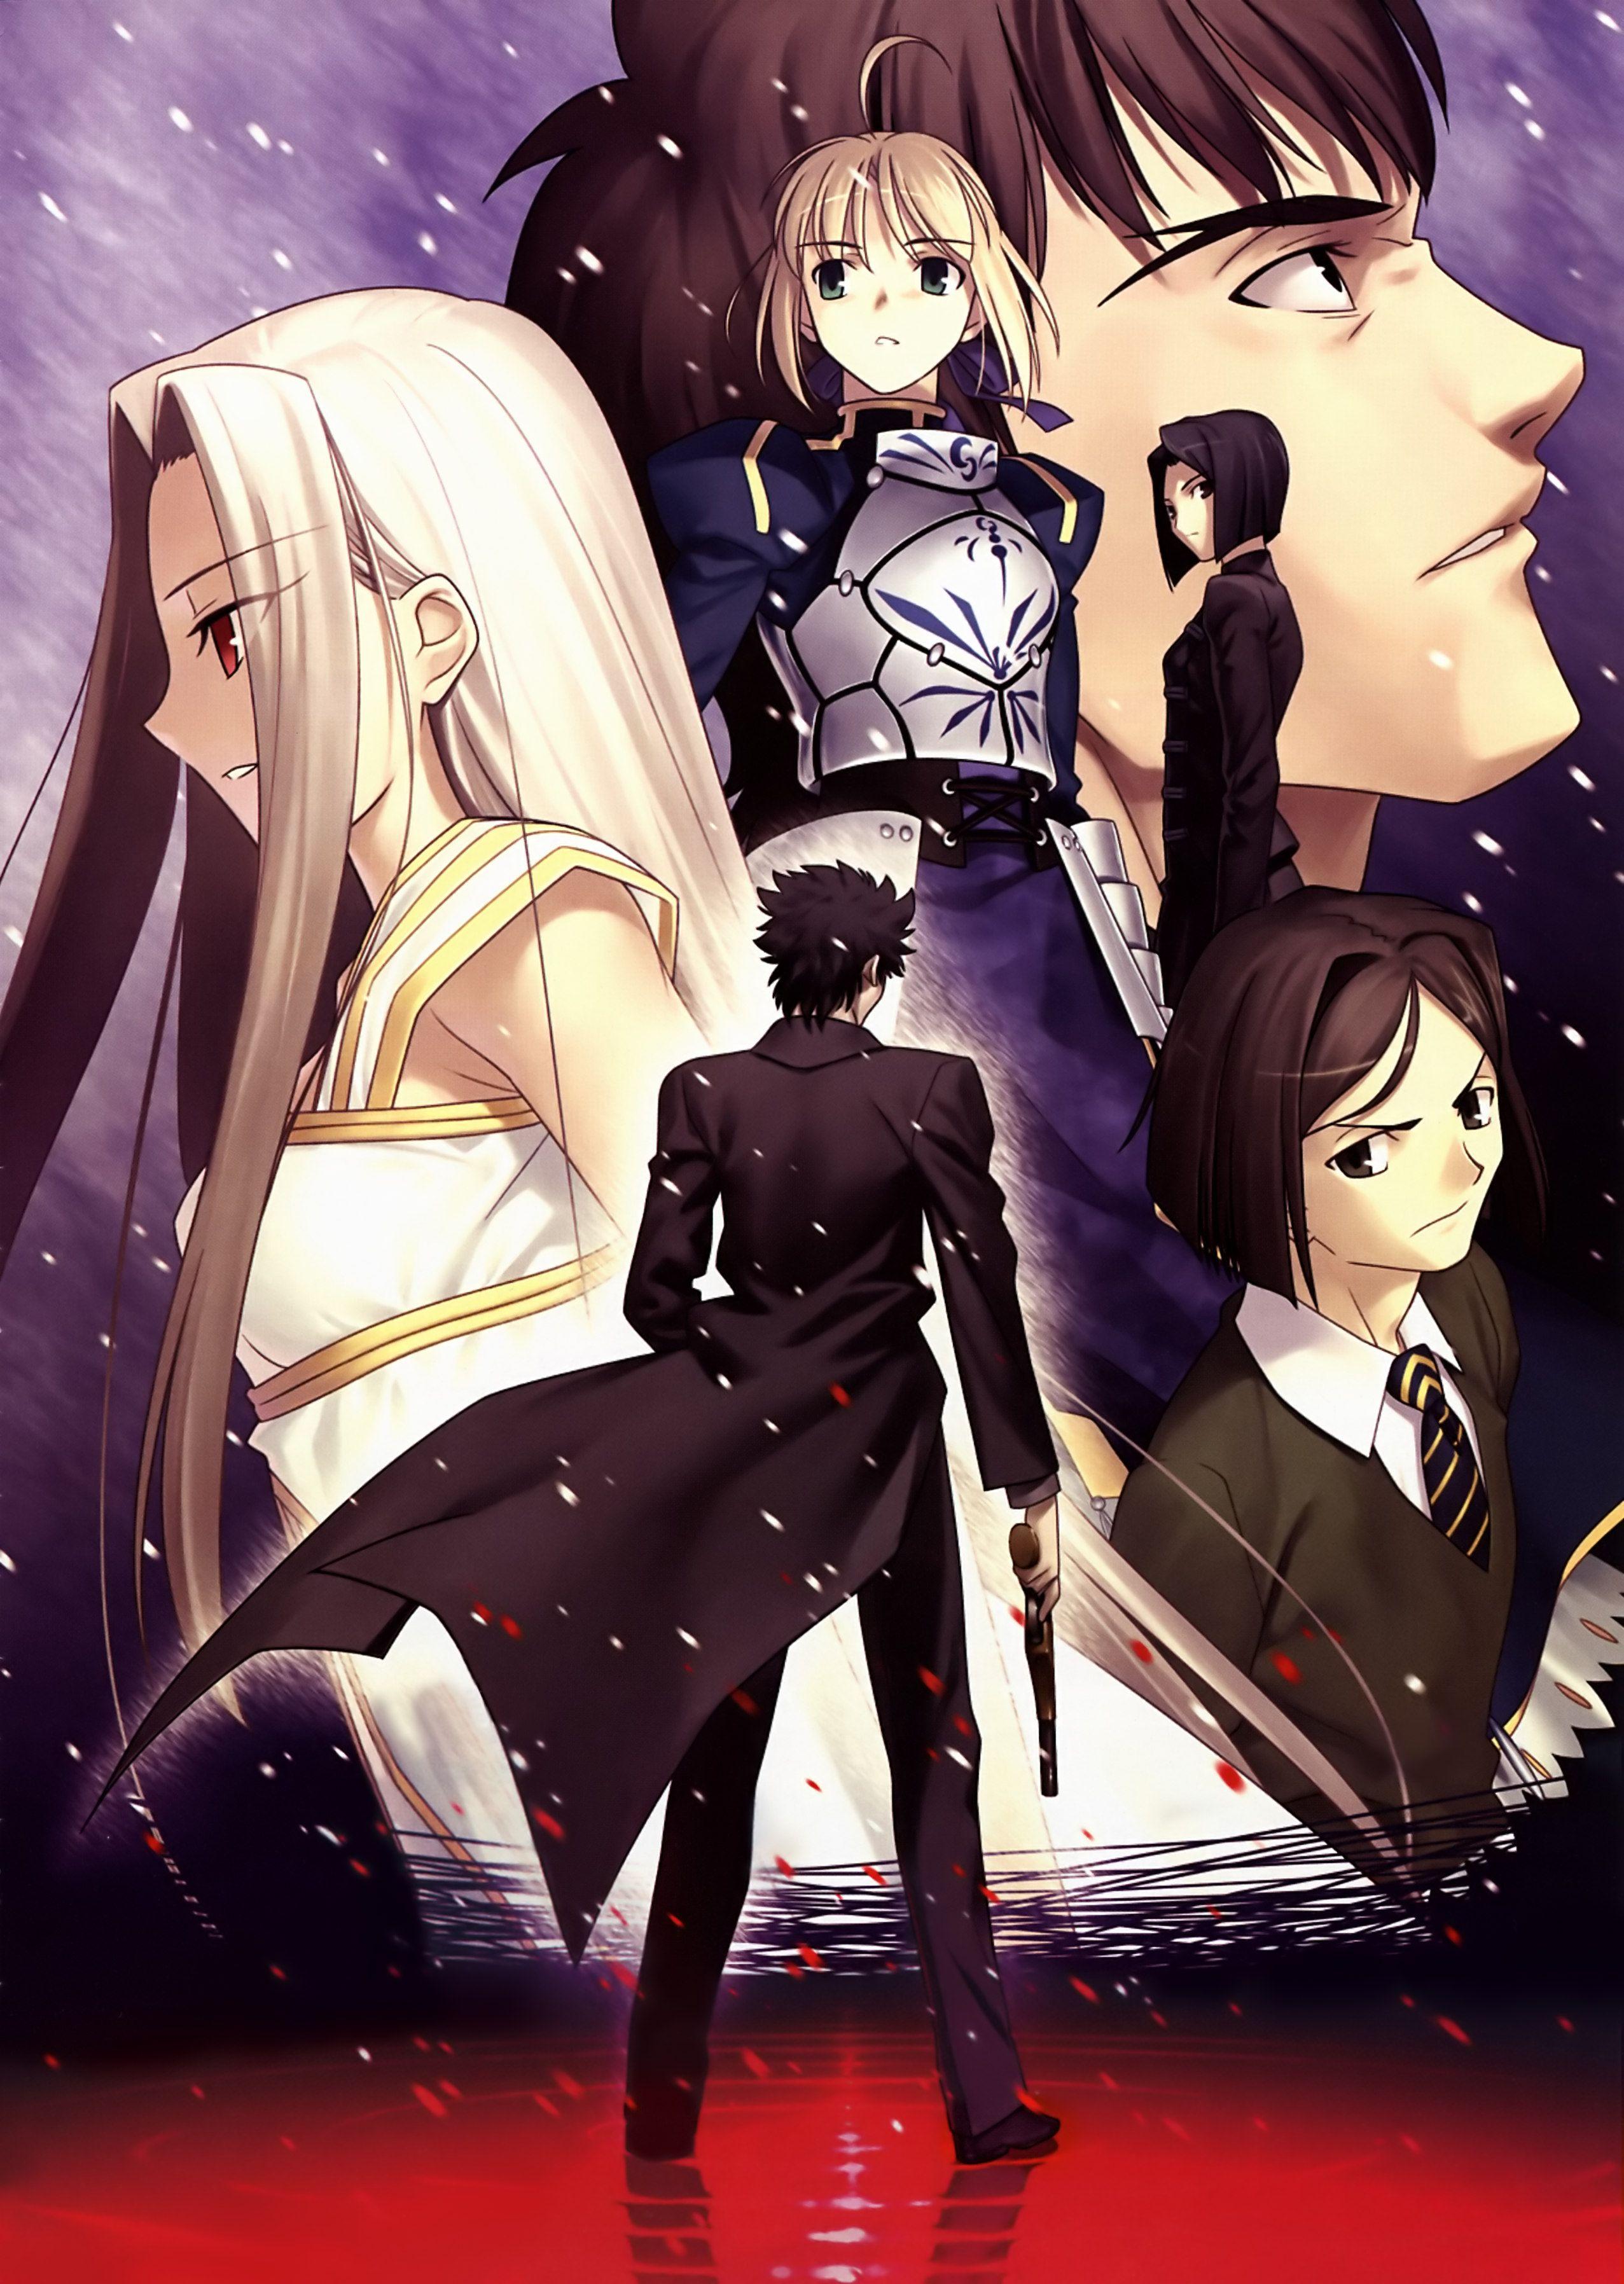 Tags Saber (Fate/stay night), TYPEMOON, Takeuchi Takashi